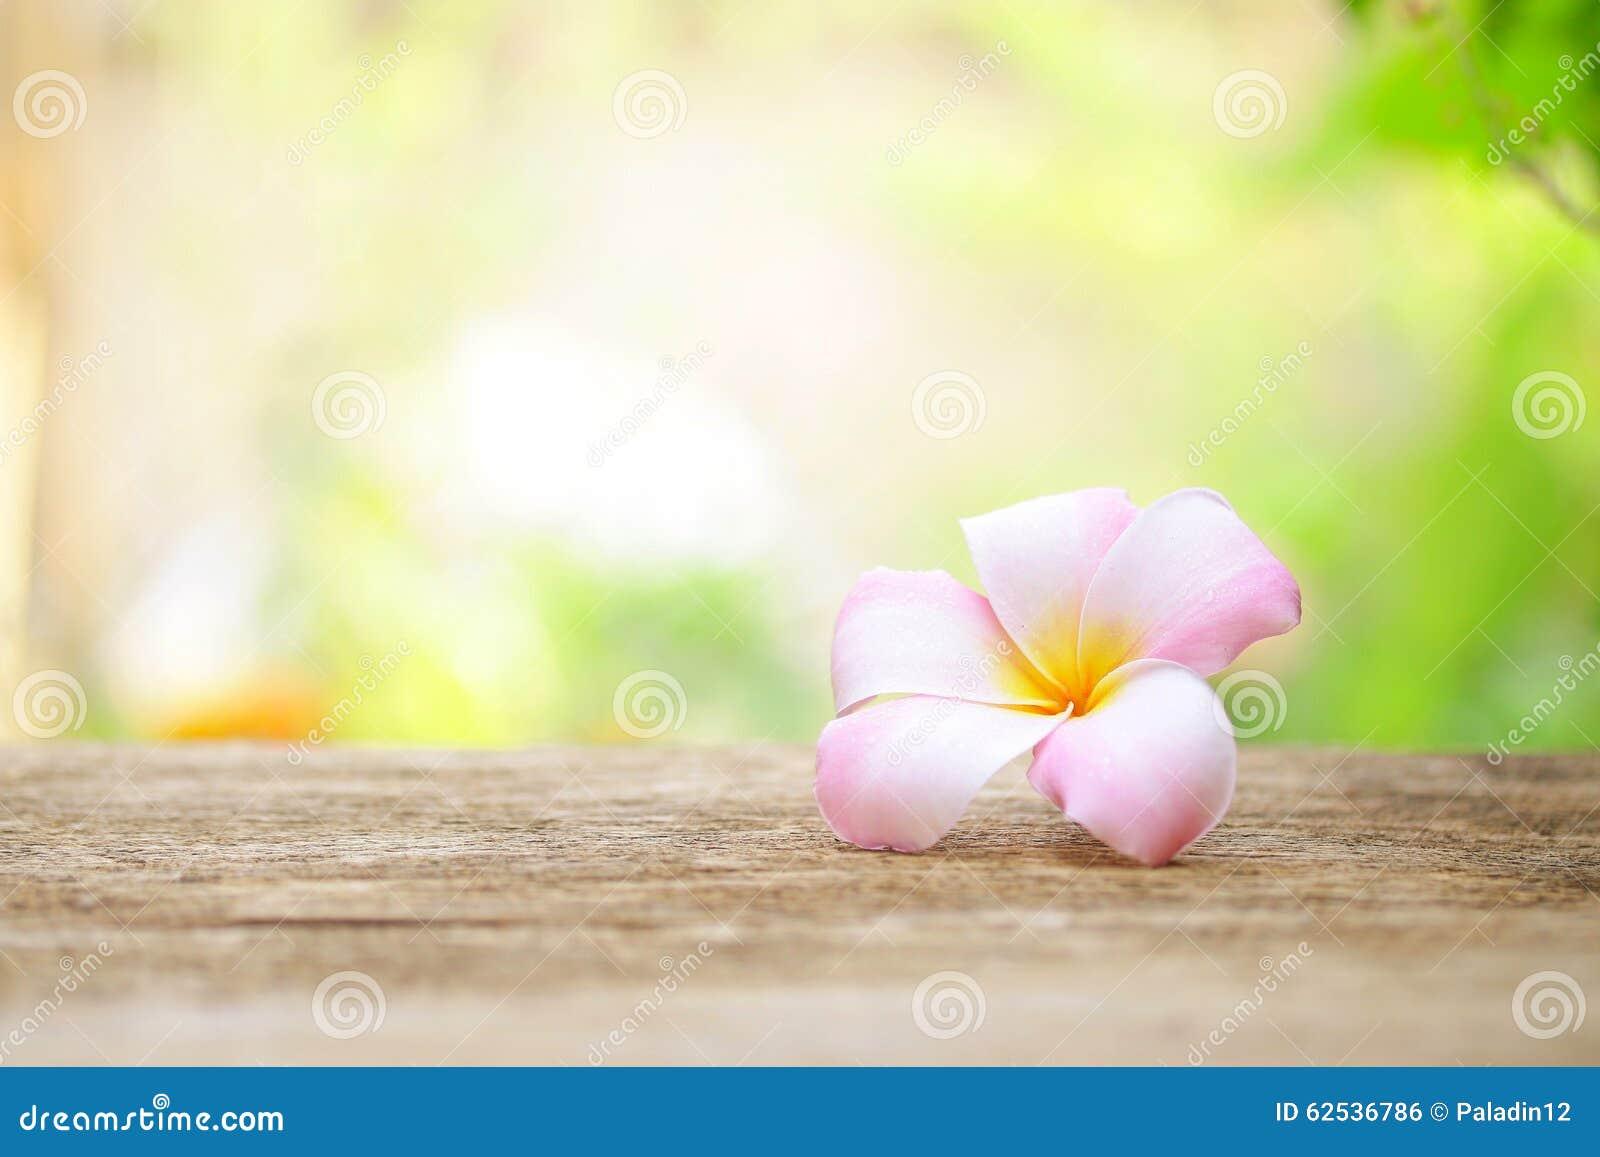 在木桌上的赤素馨花花